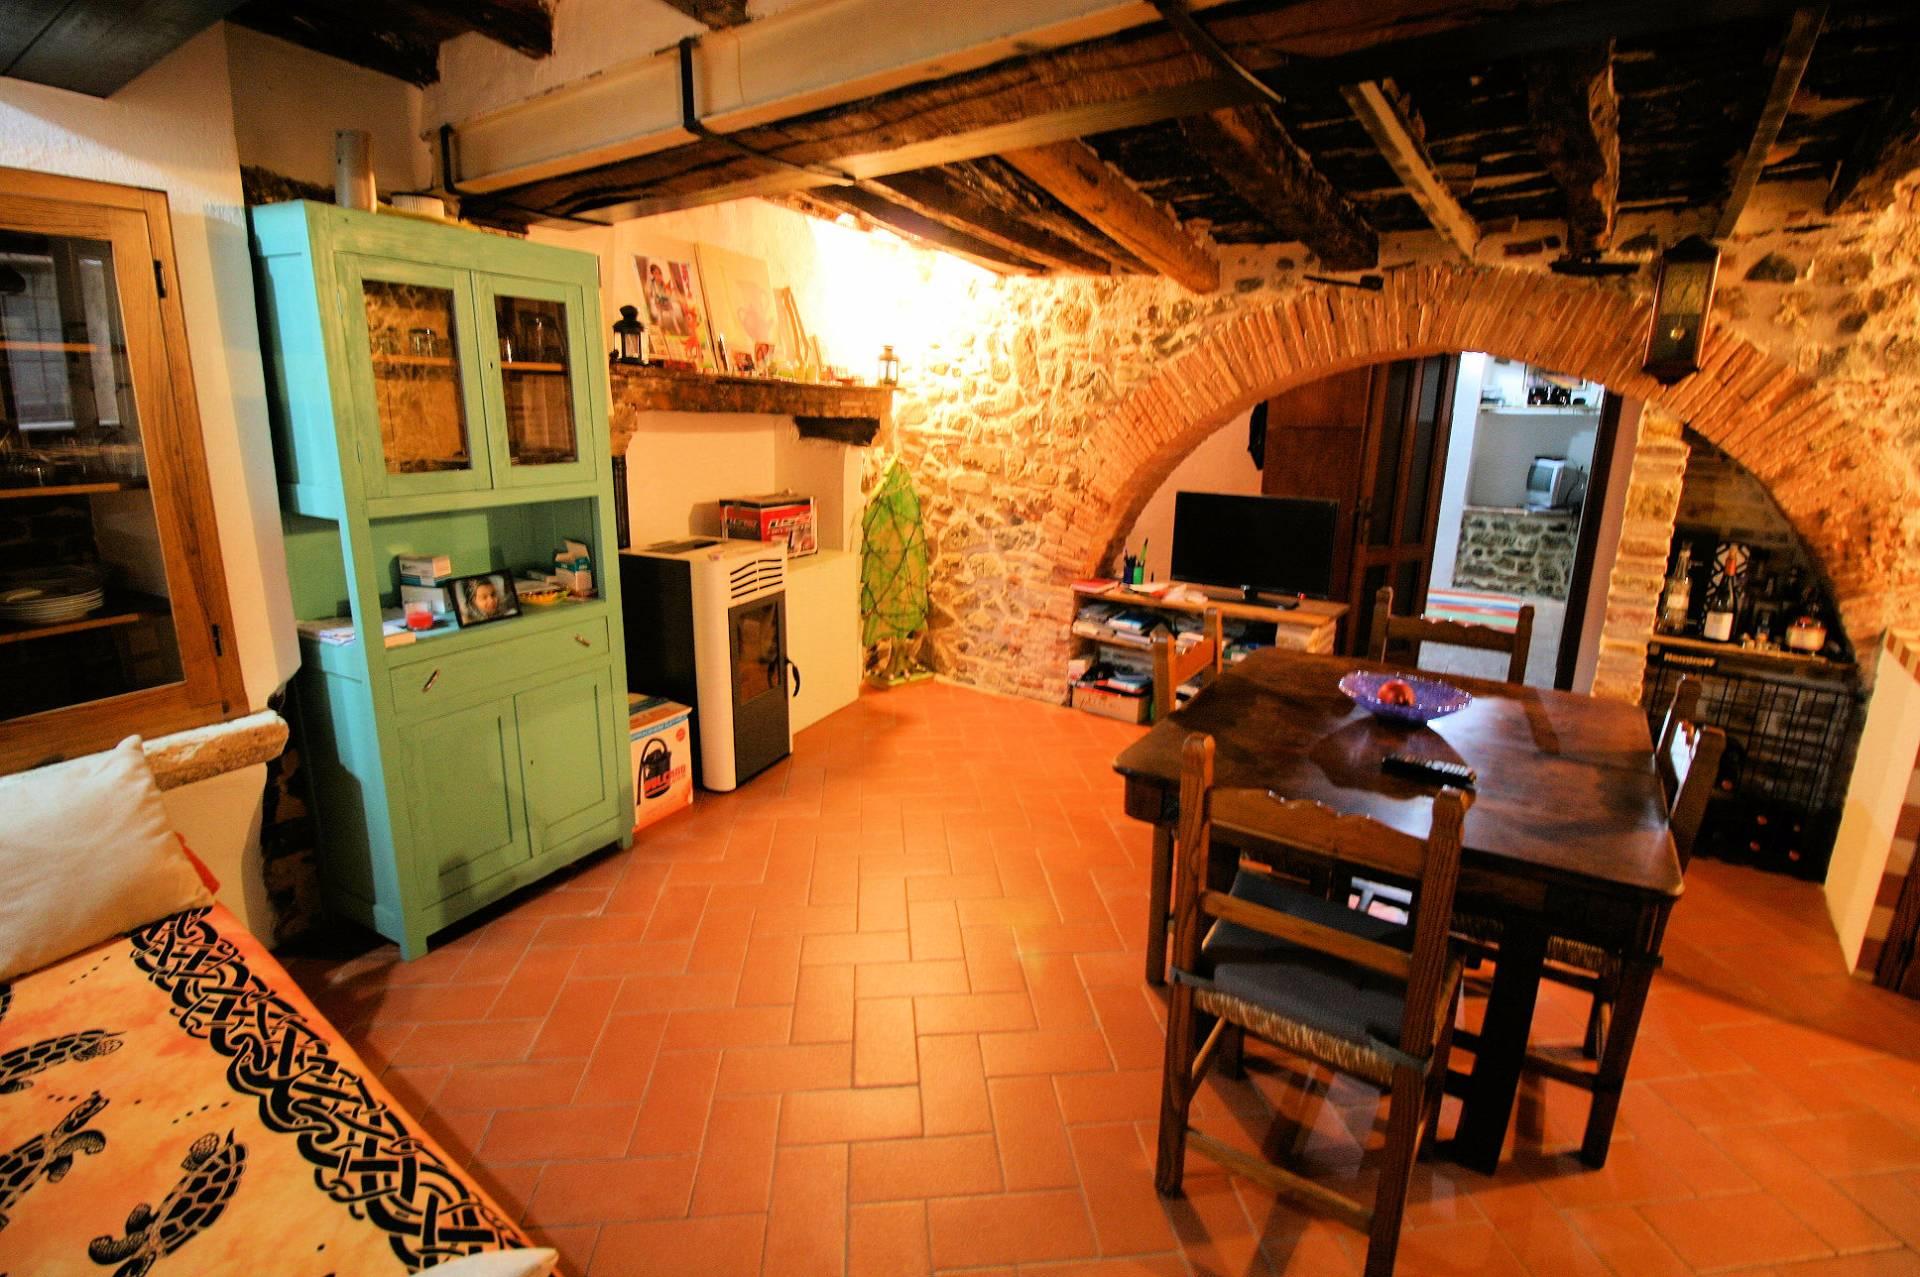 Appartamento in vendita a Manciano, 2 locali, zona Zona: Montemerano, prezzo € 125.000 | CambioCasa.it